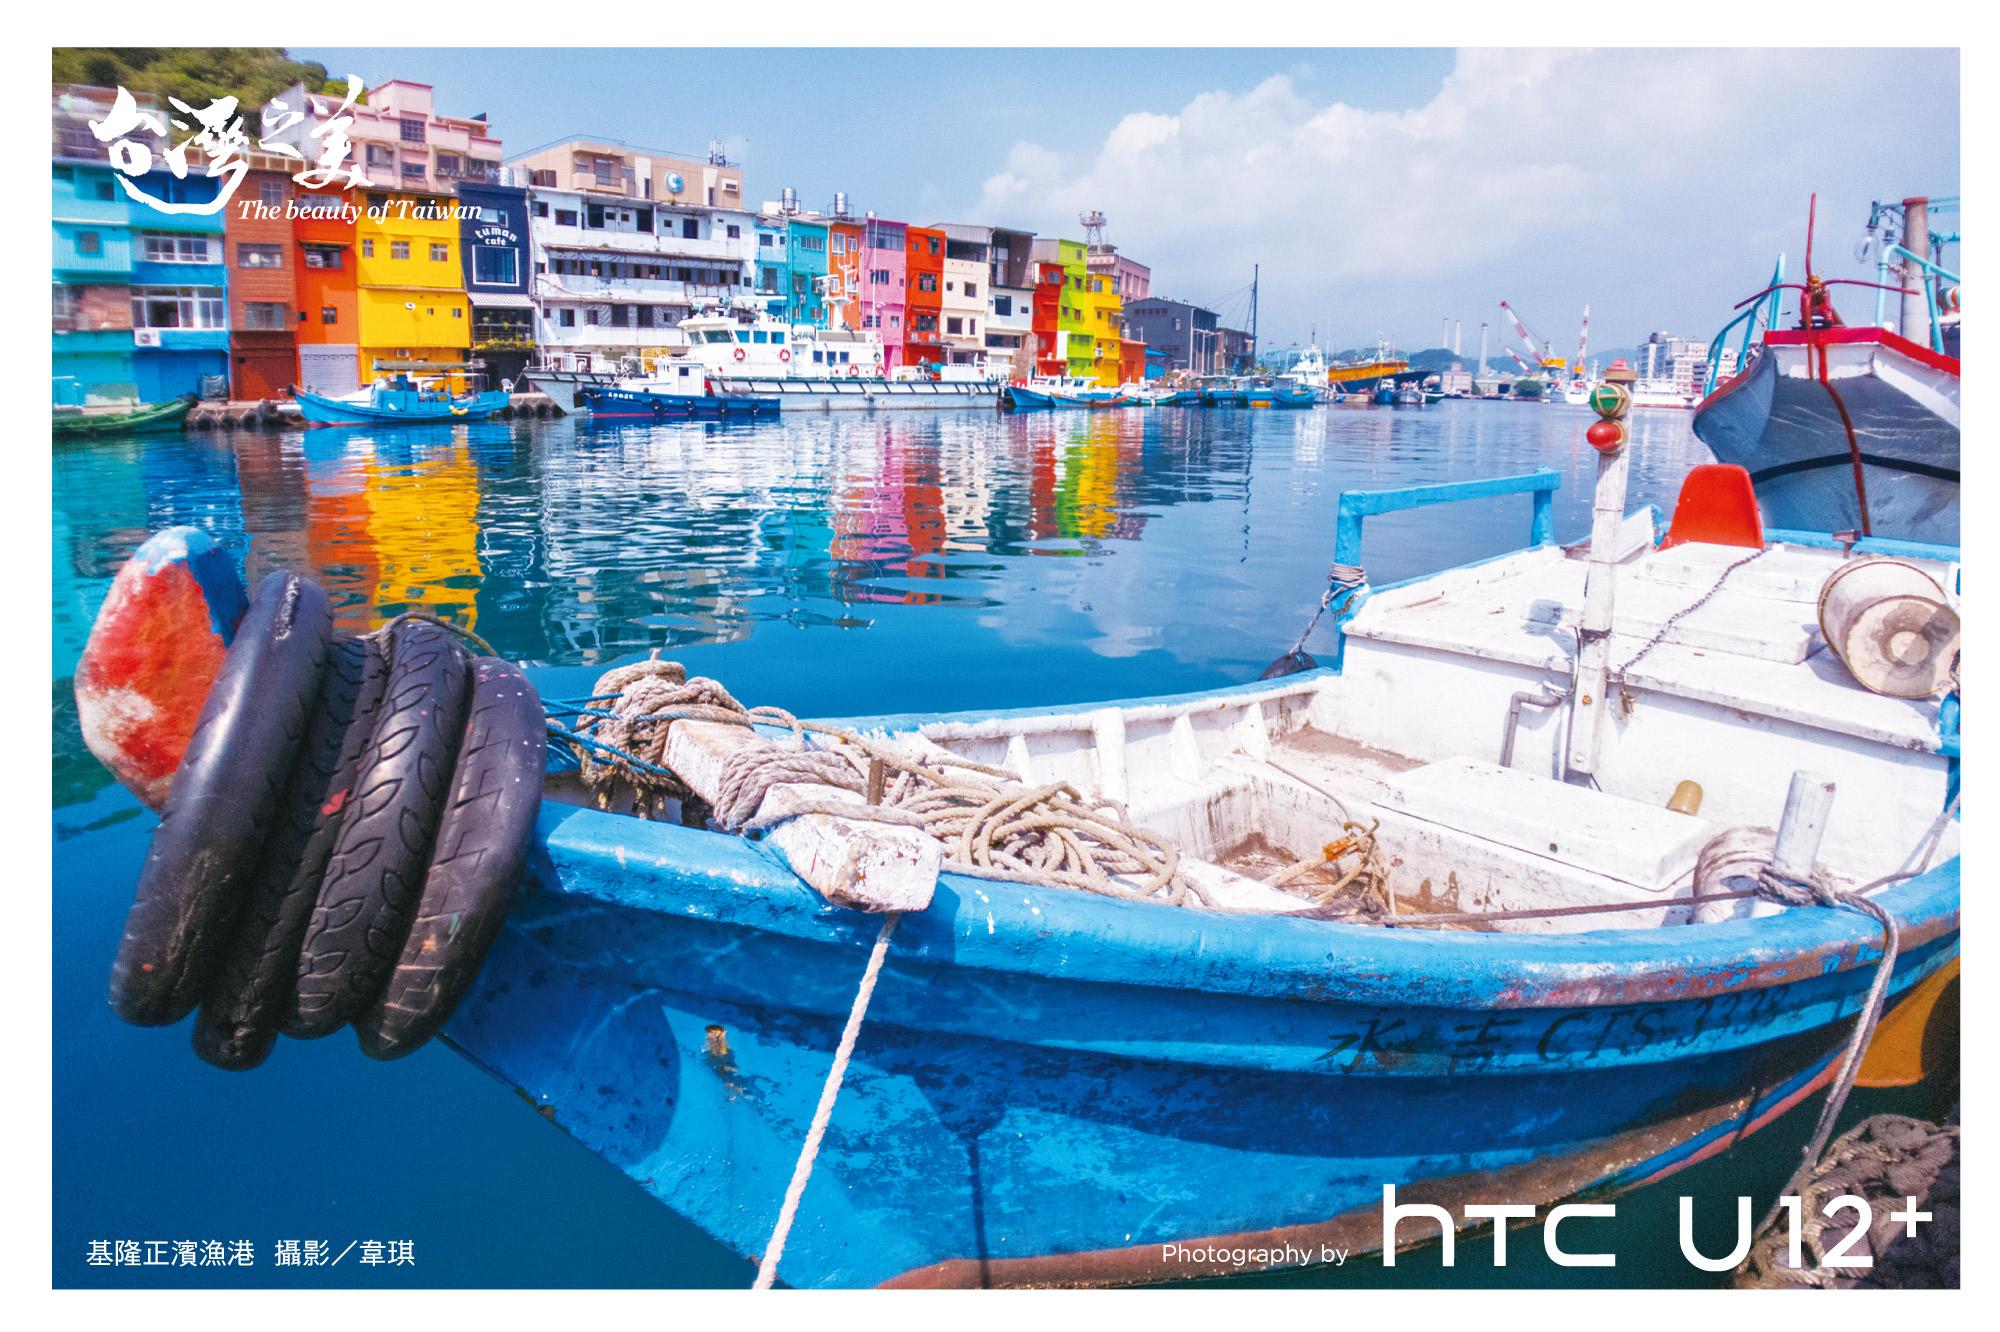 台灣小鎮靚點漫遊小鎮之一-基隆正濱漁港-由HTC U12+拍攝